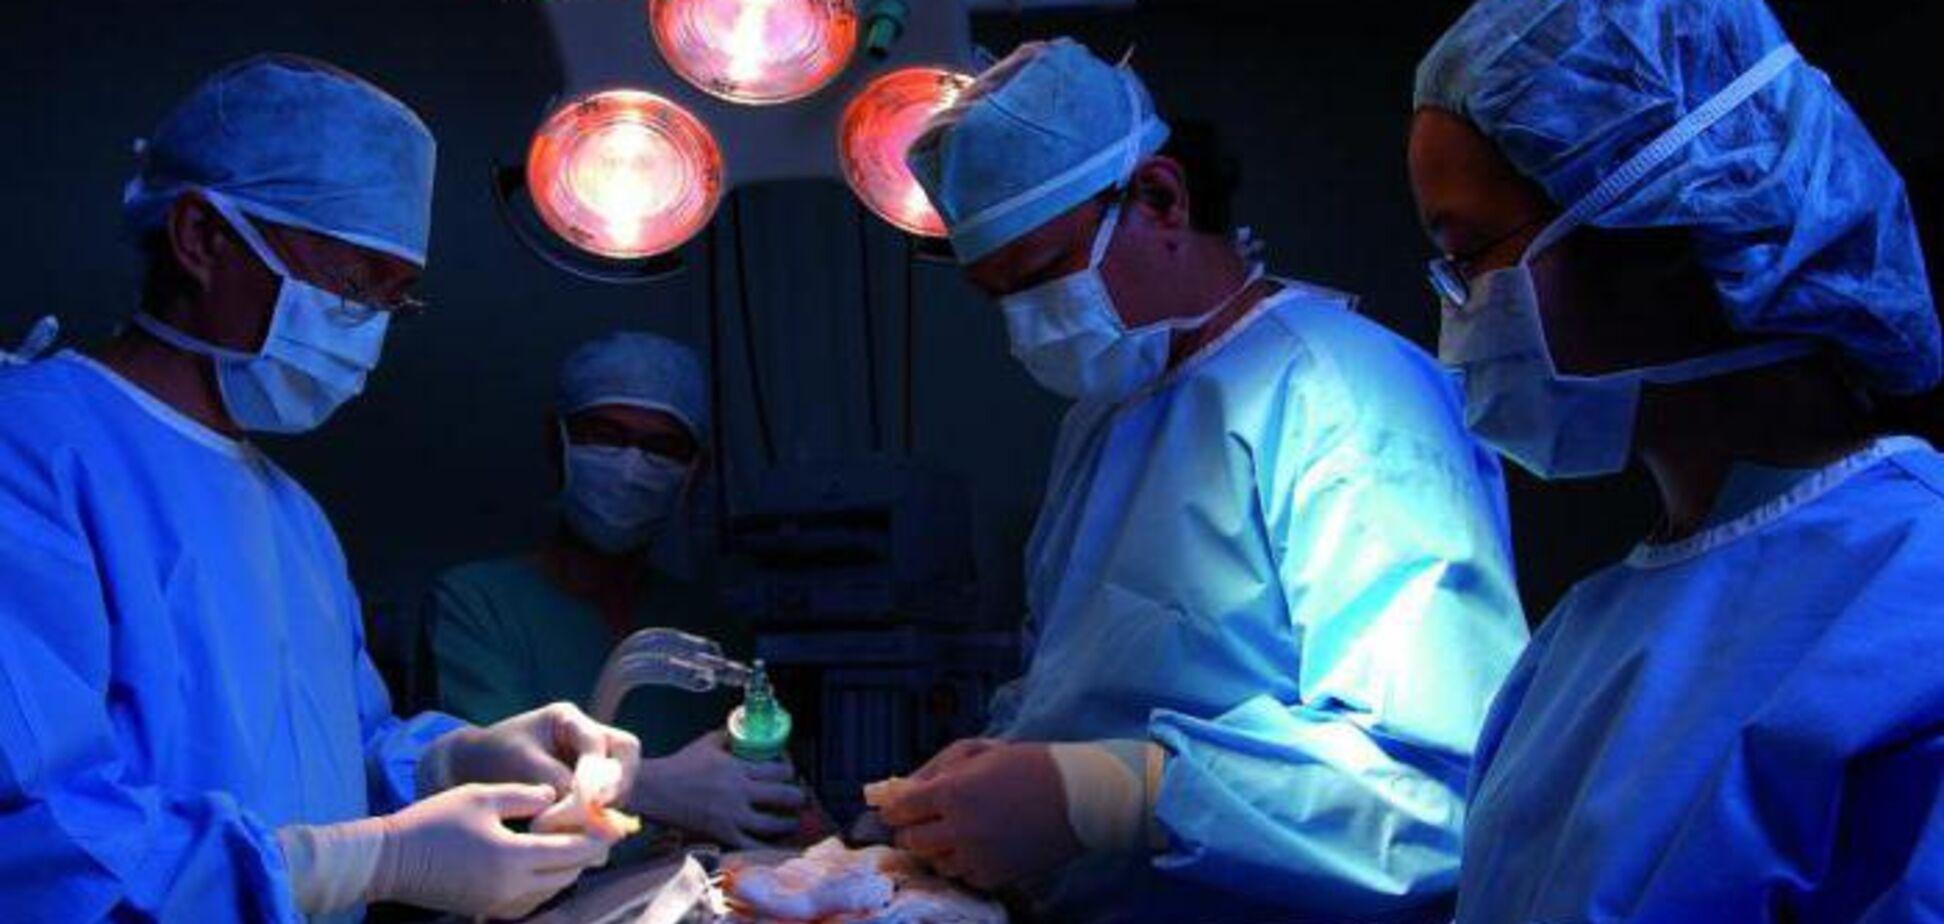 Розпочинаємо флешмоб: підтримуємо трансплантологію в Україні